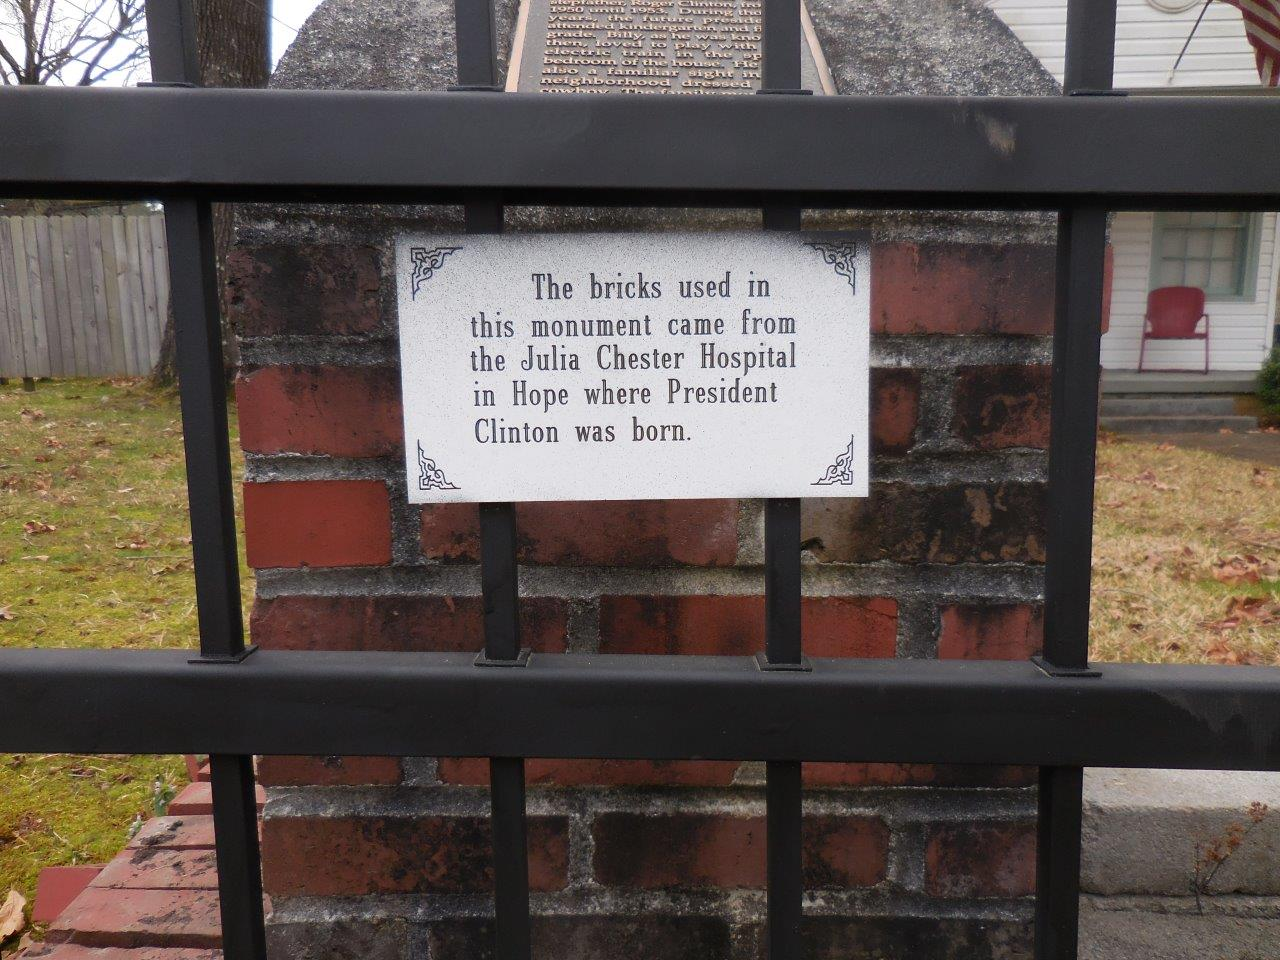 Bill Clinton historical marker